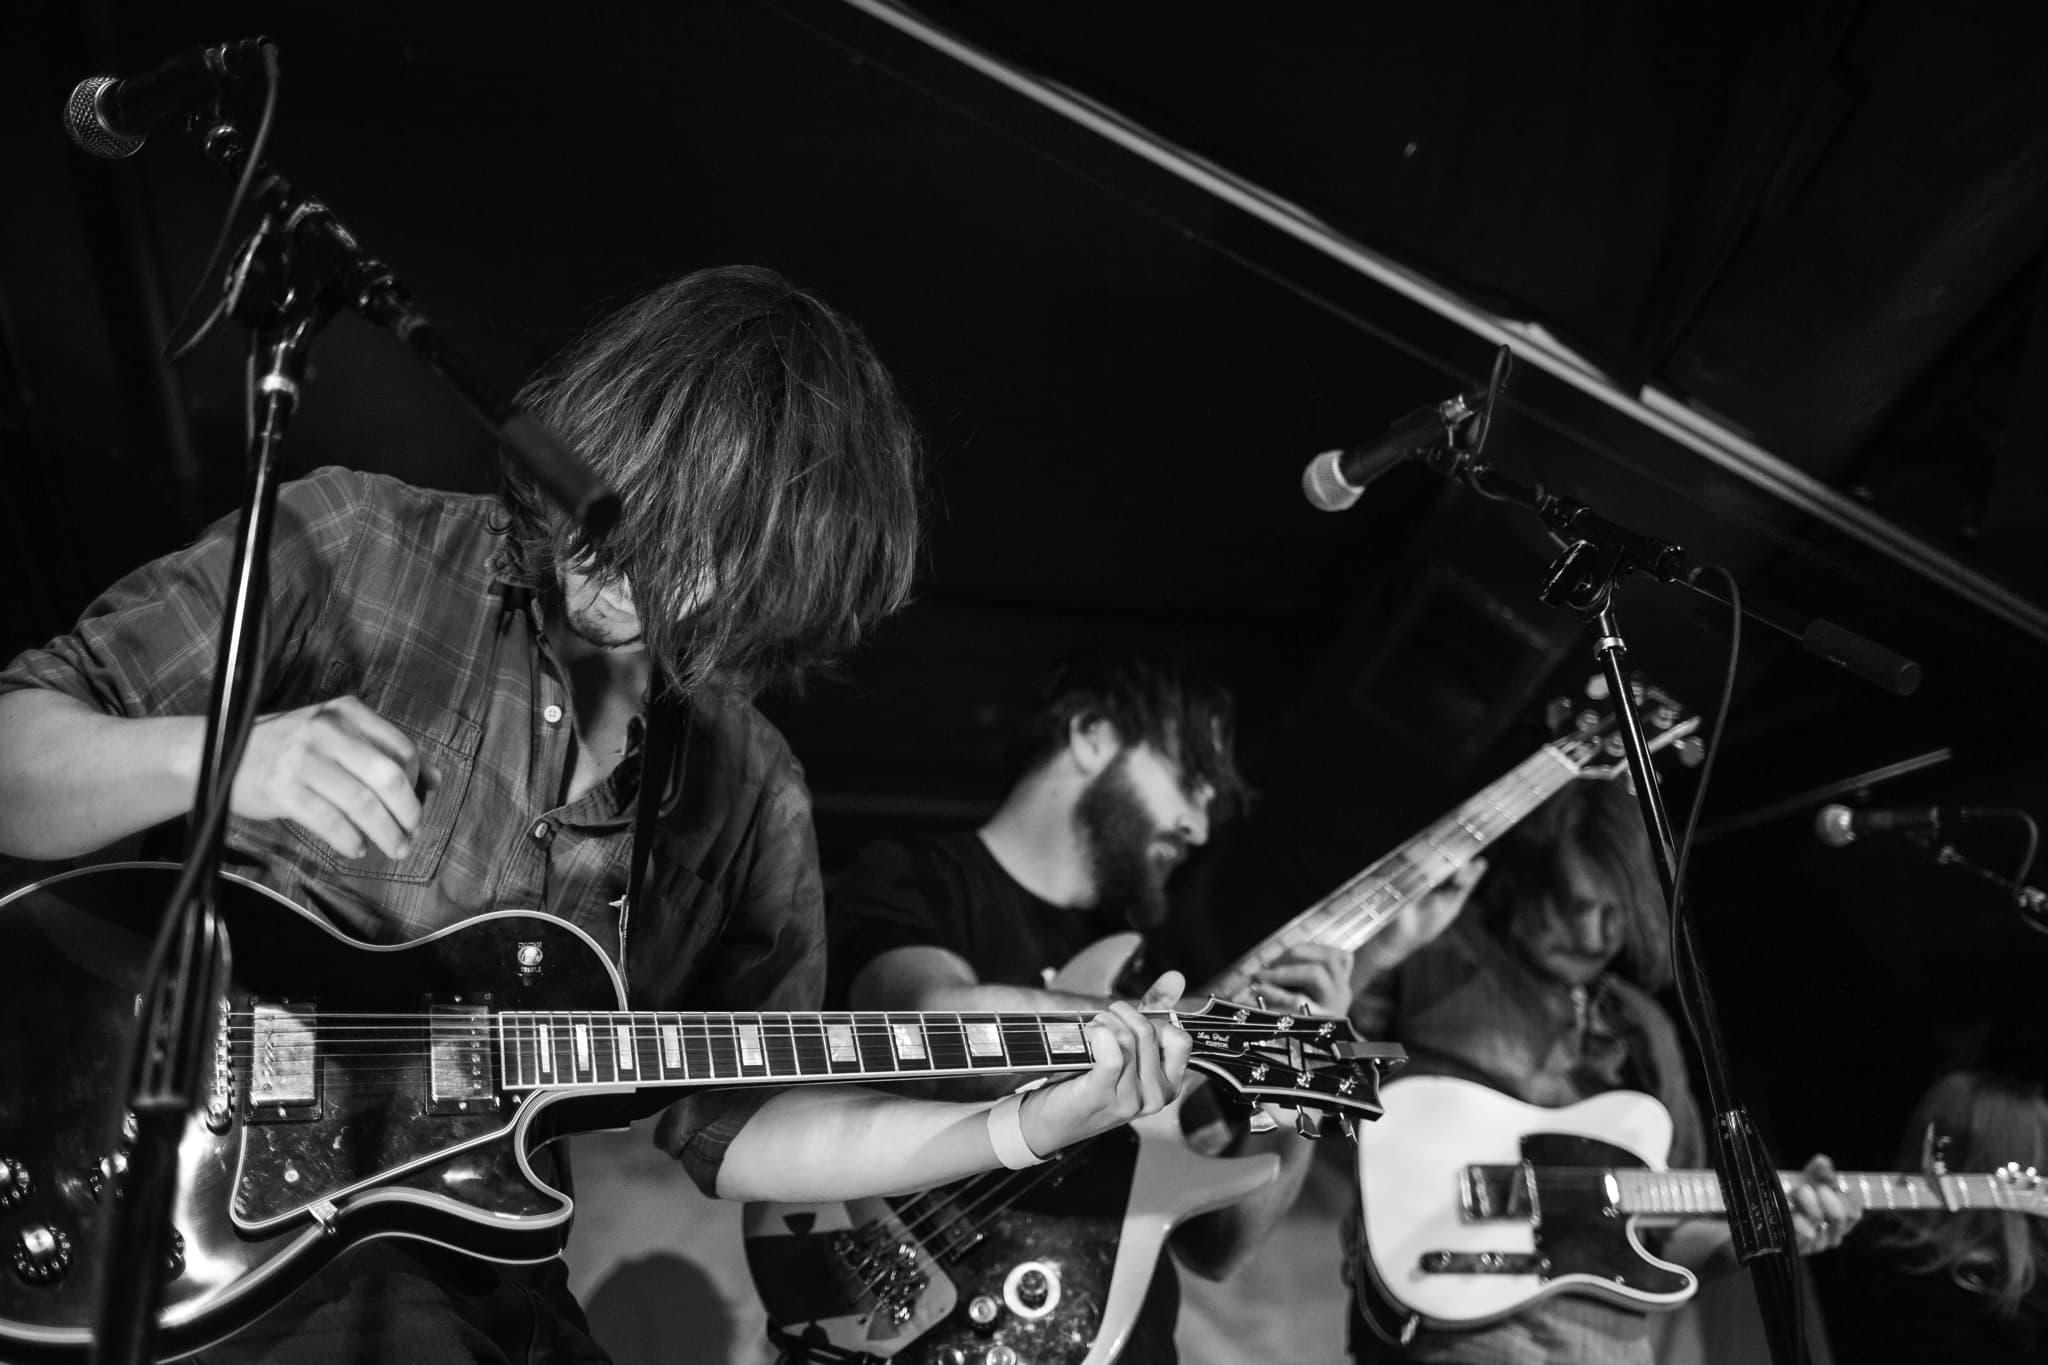 Freakout-Fest-Jake-Hanson-16.jpg